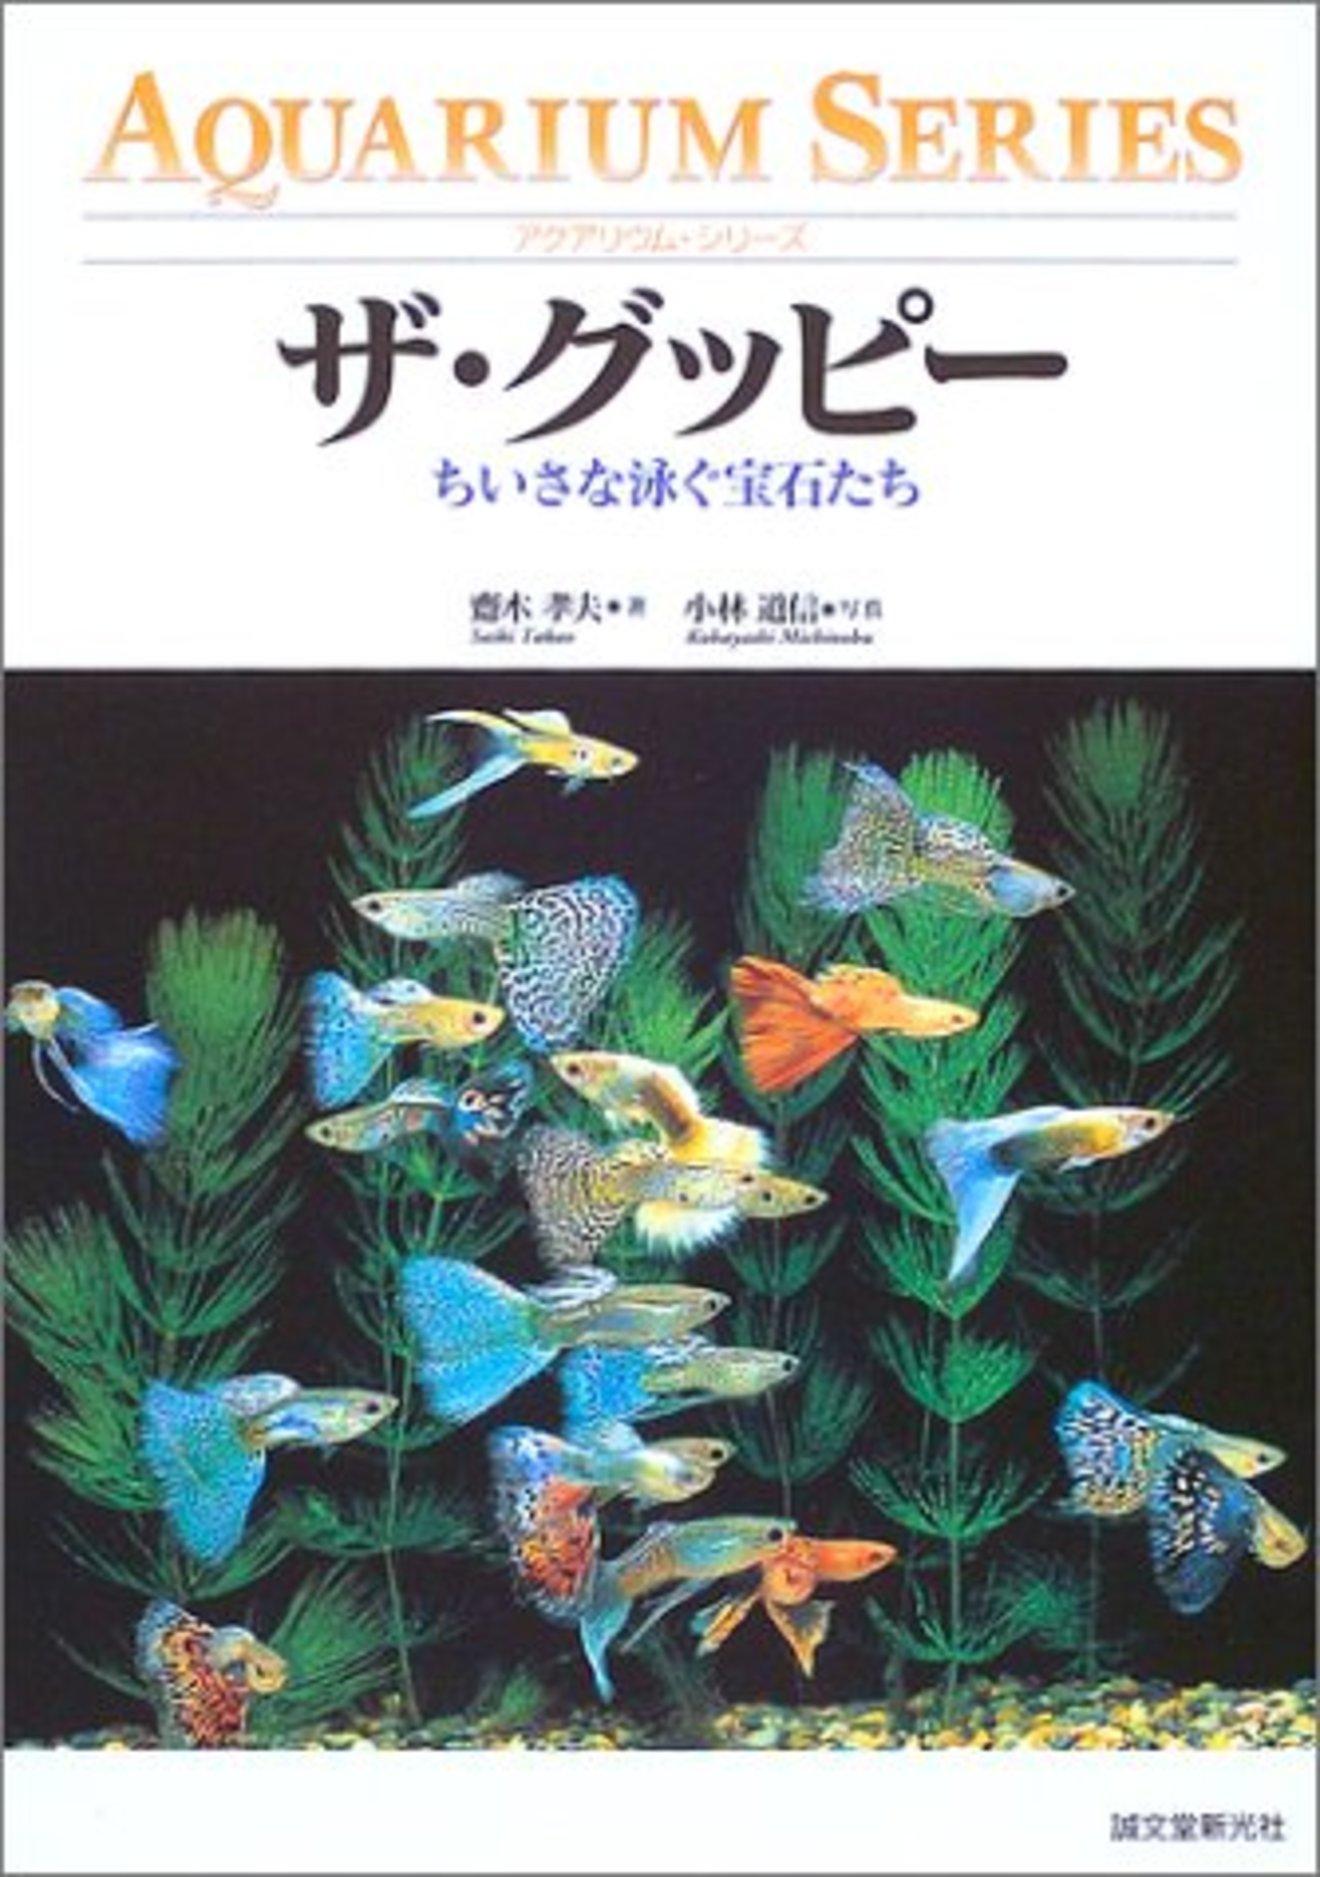 グッピーの飼育の基本を紹介!繁殖のコツから種類、おすすめ本も